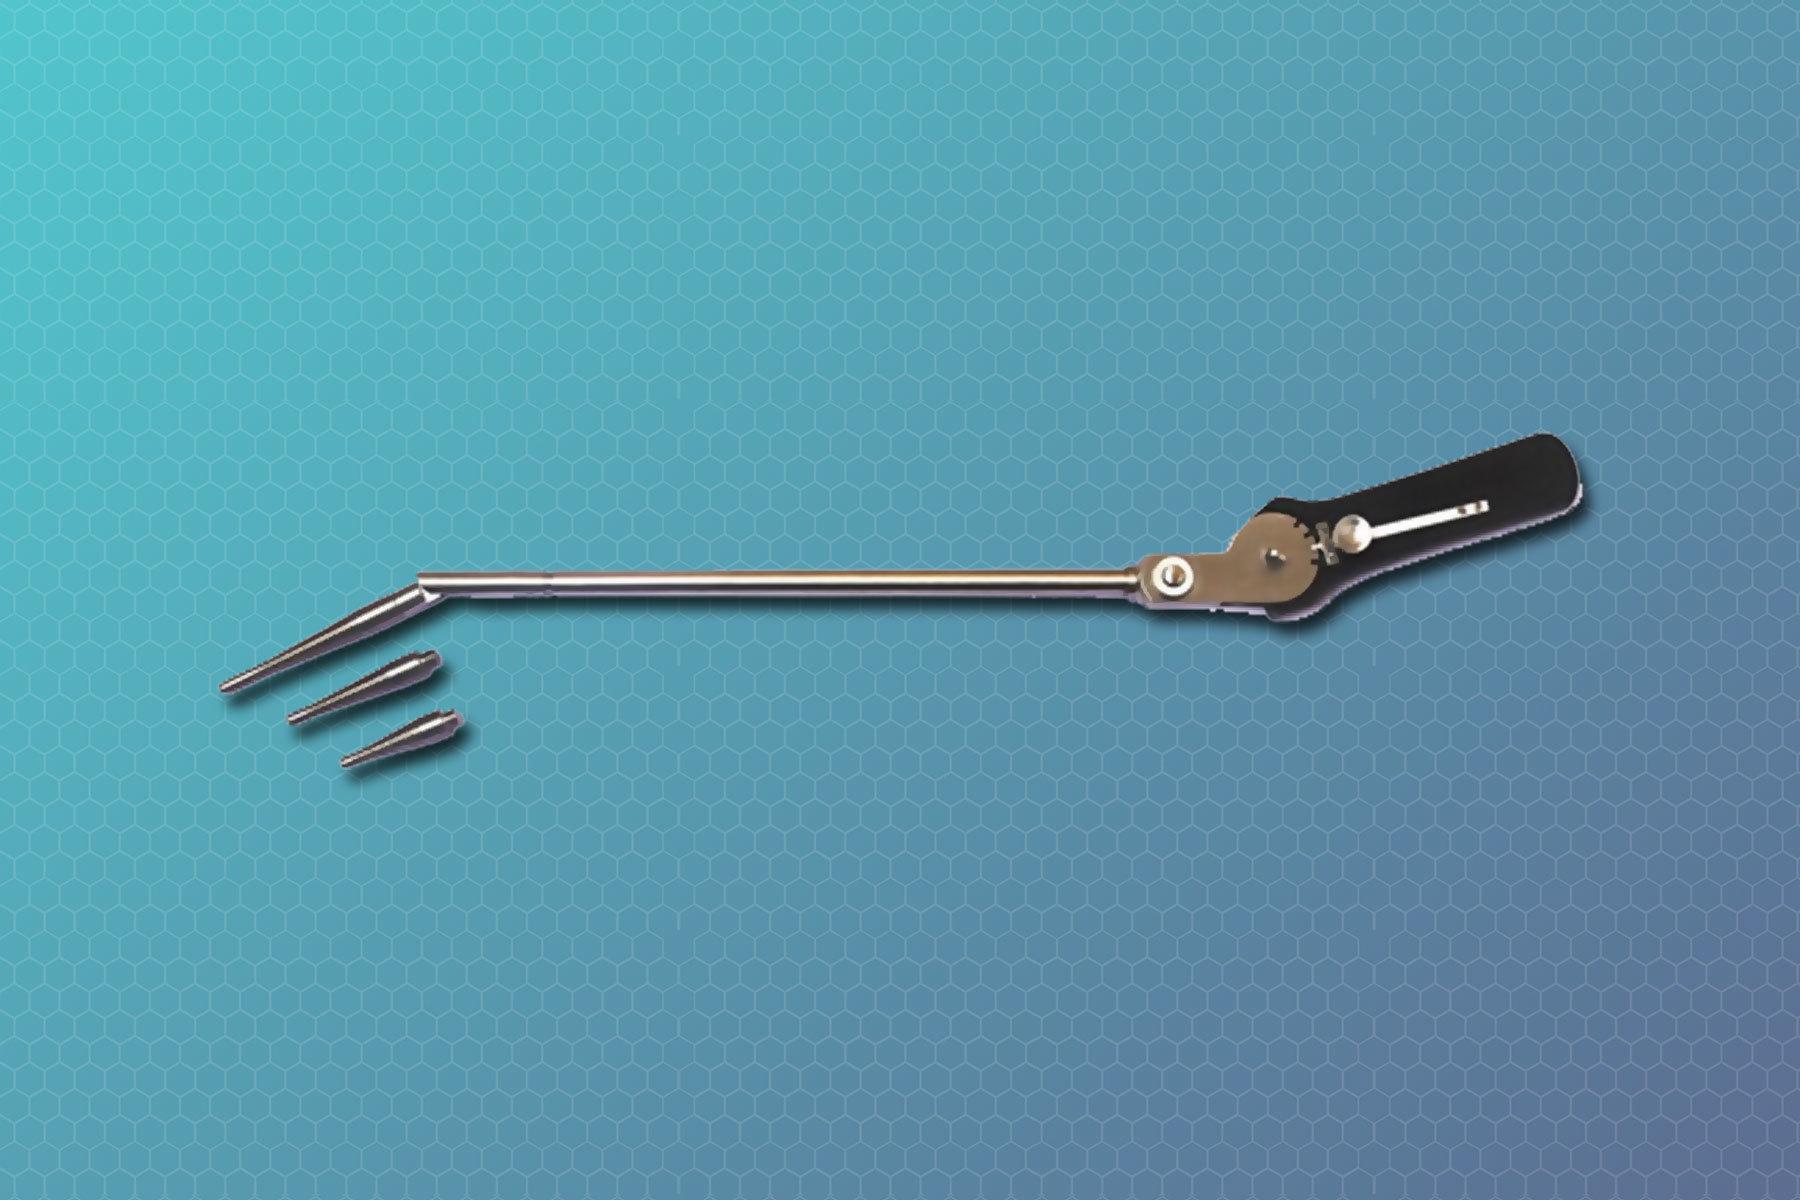 Uterine Manipulator (Storz Type)